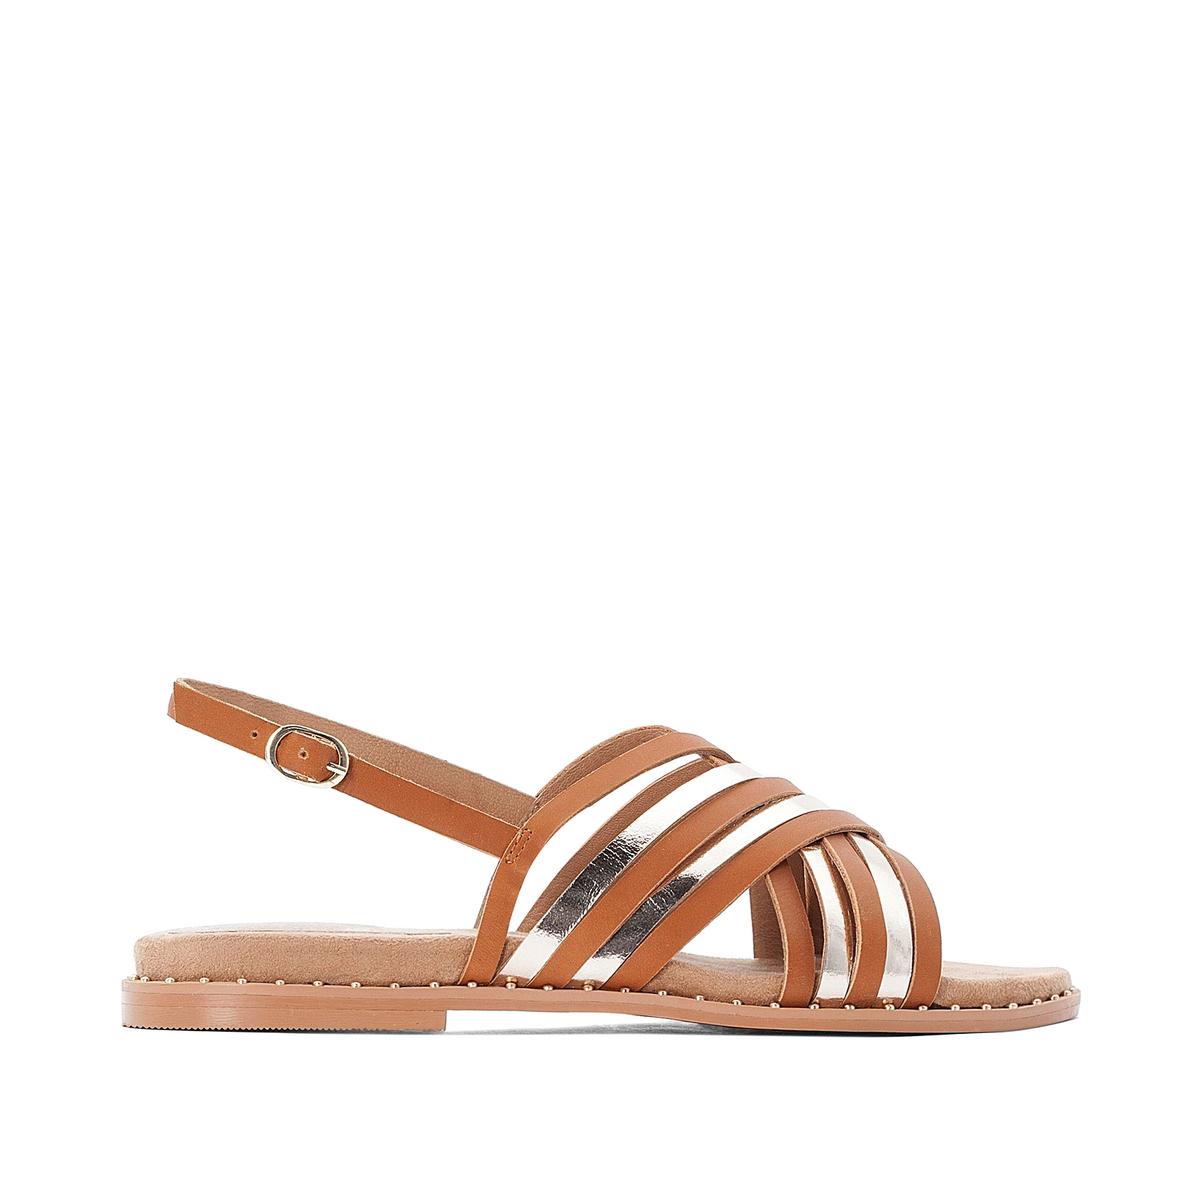 Босоножки La Redoute Кожаные на плоском каблуке для широкой стопы размеры - 39 каштановый босоножки la redoute кожаные на плоском каблуке для широкой стопы размеры 39 каштановый